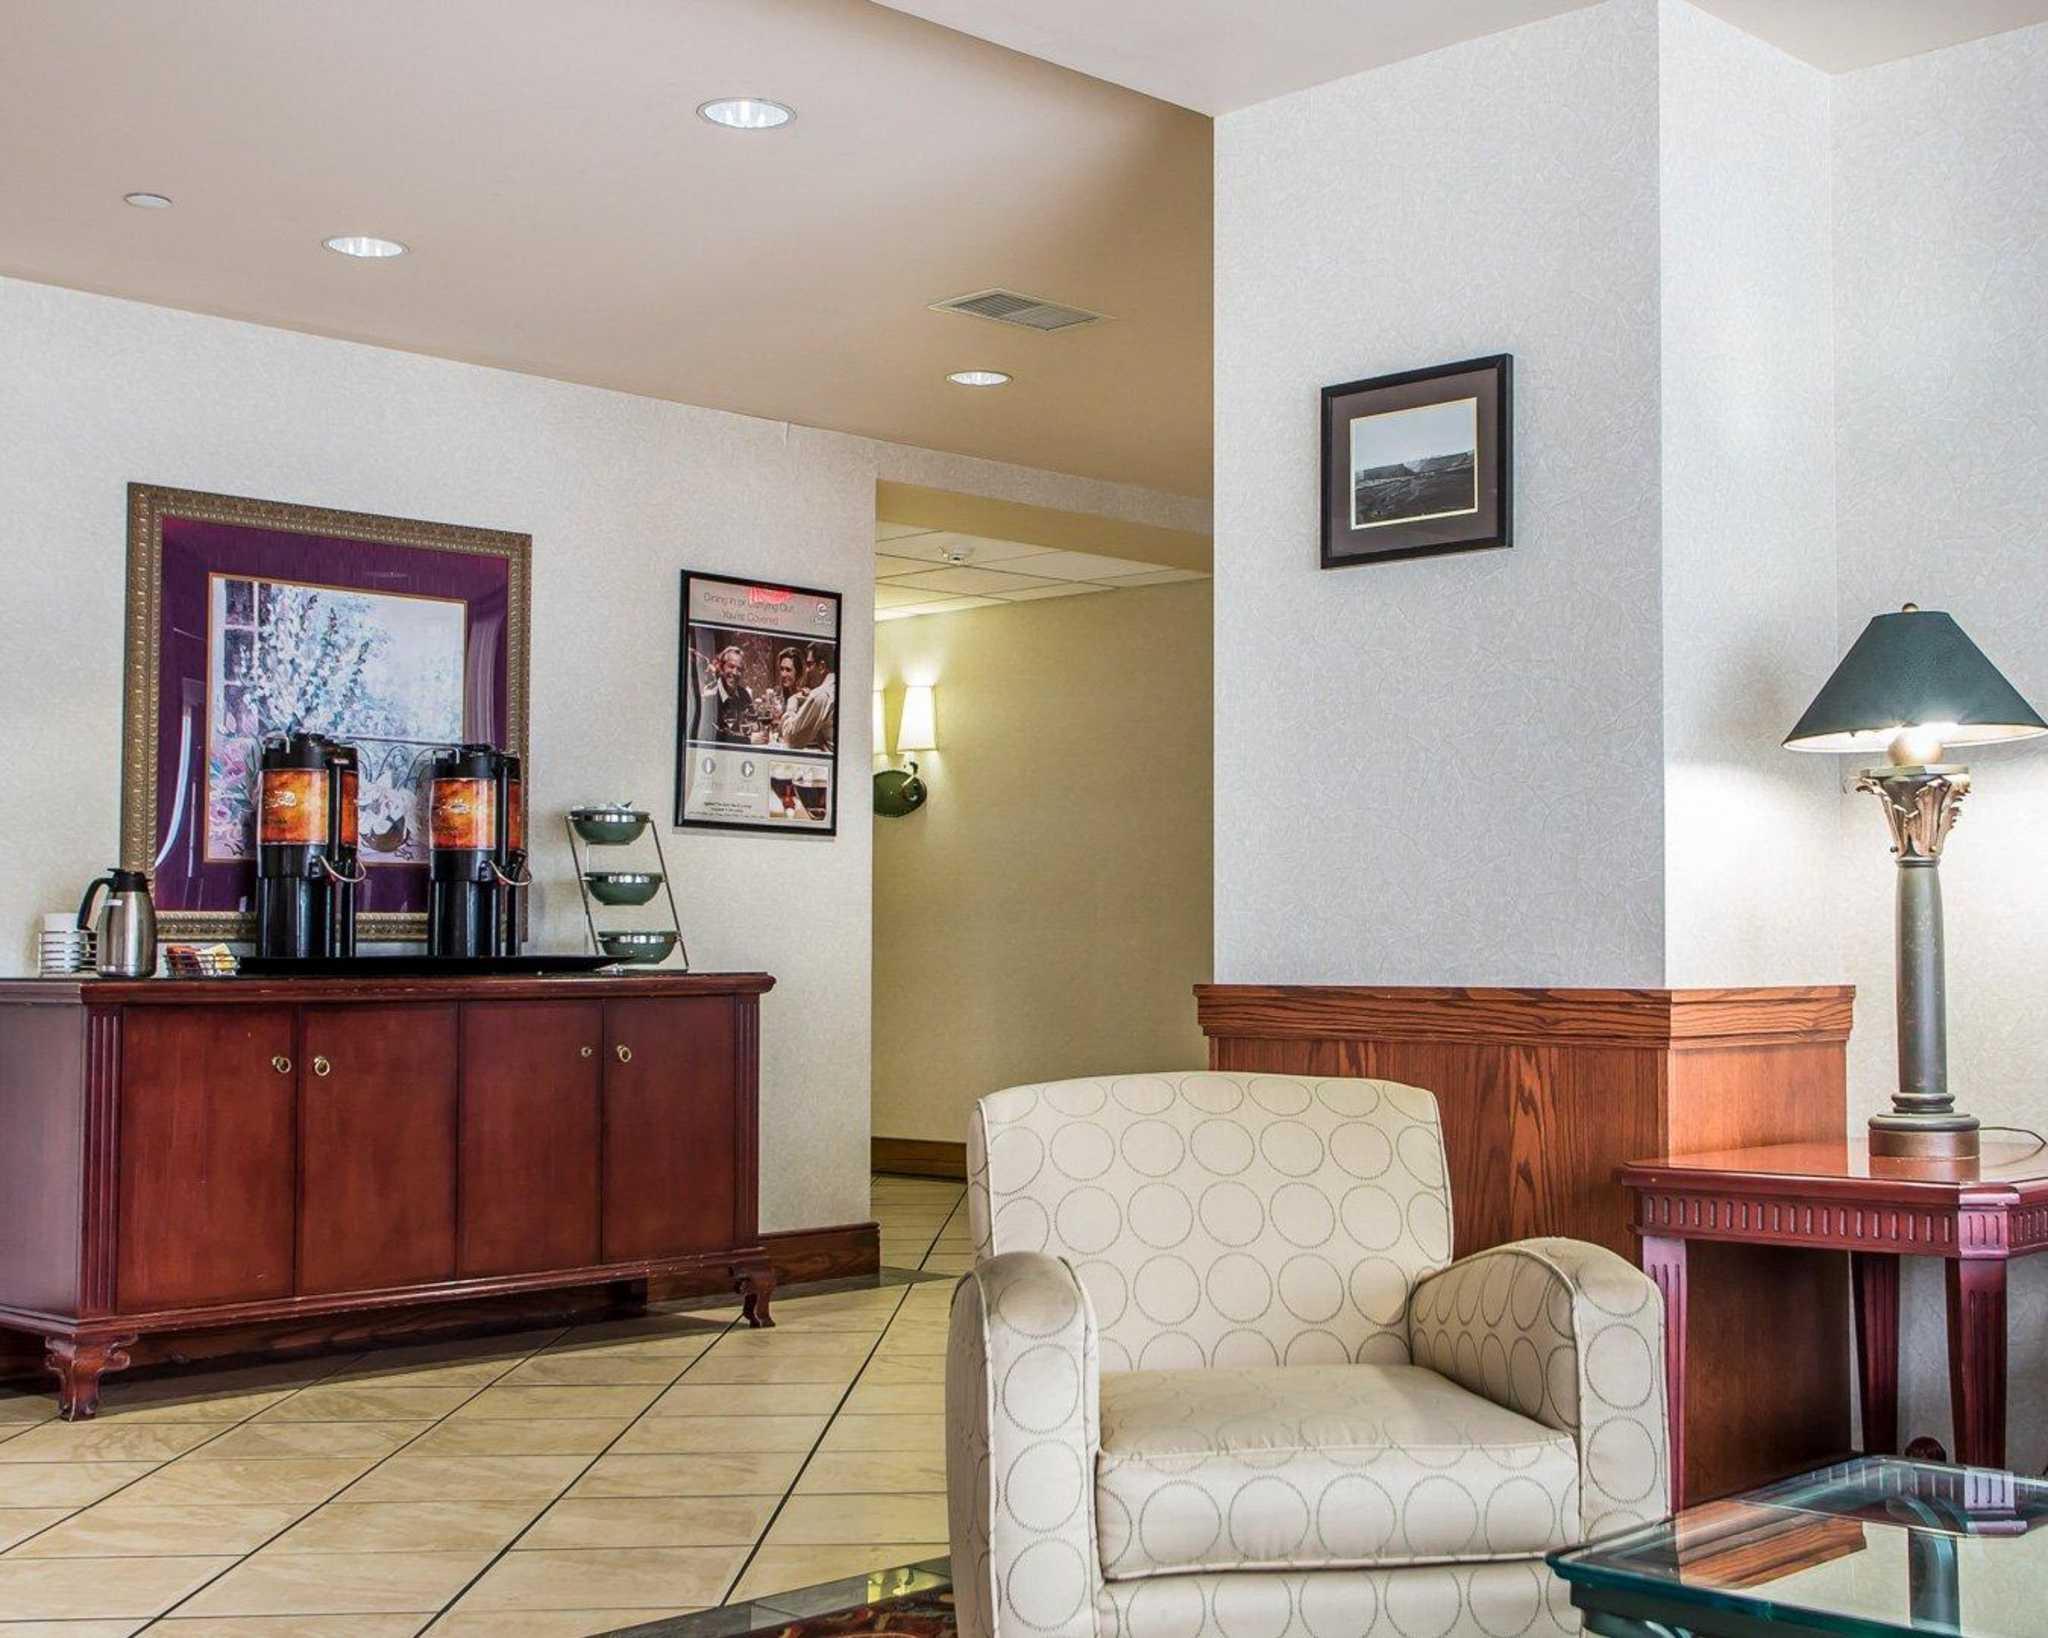 Clarion Hotel Highlander Conference Center image 15